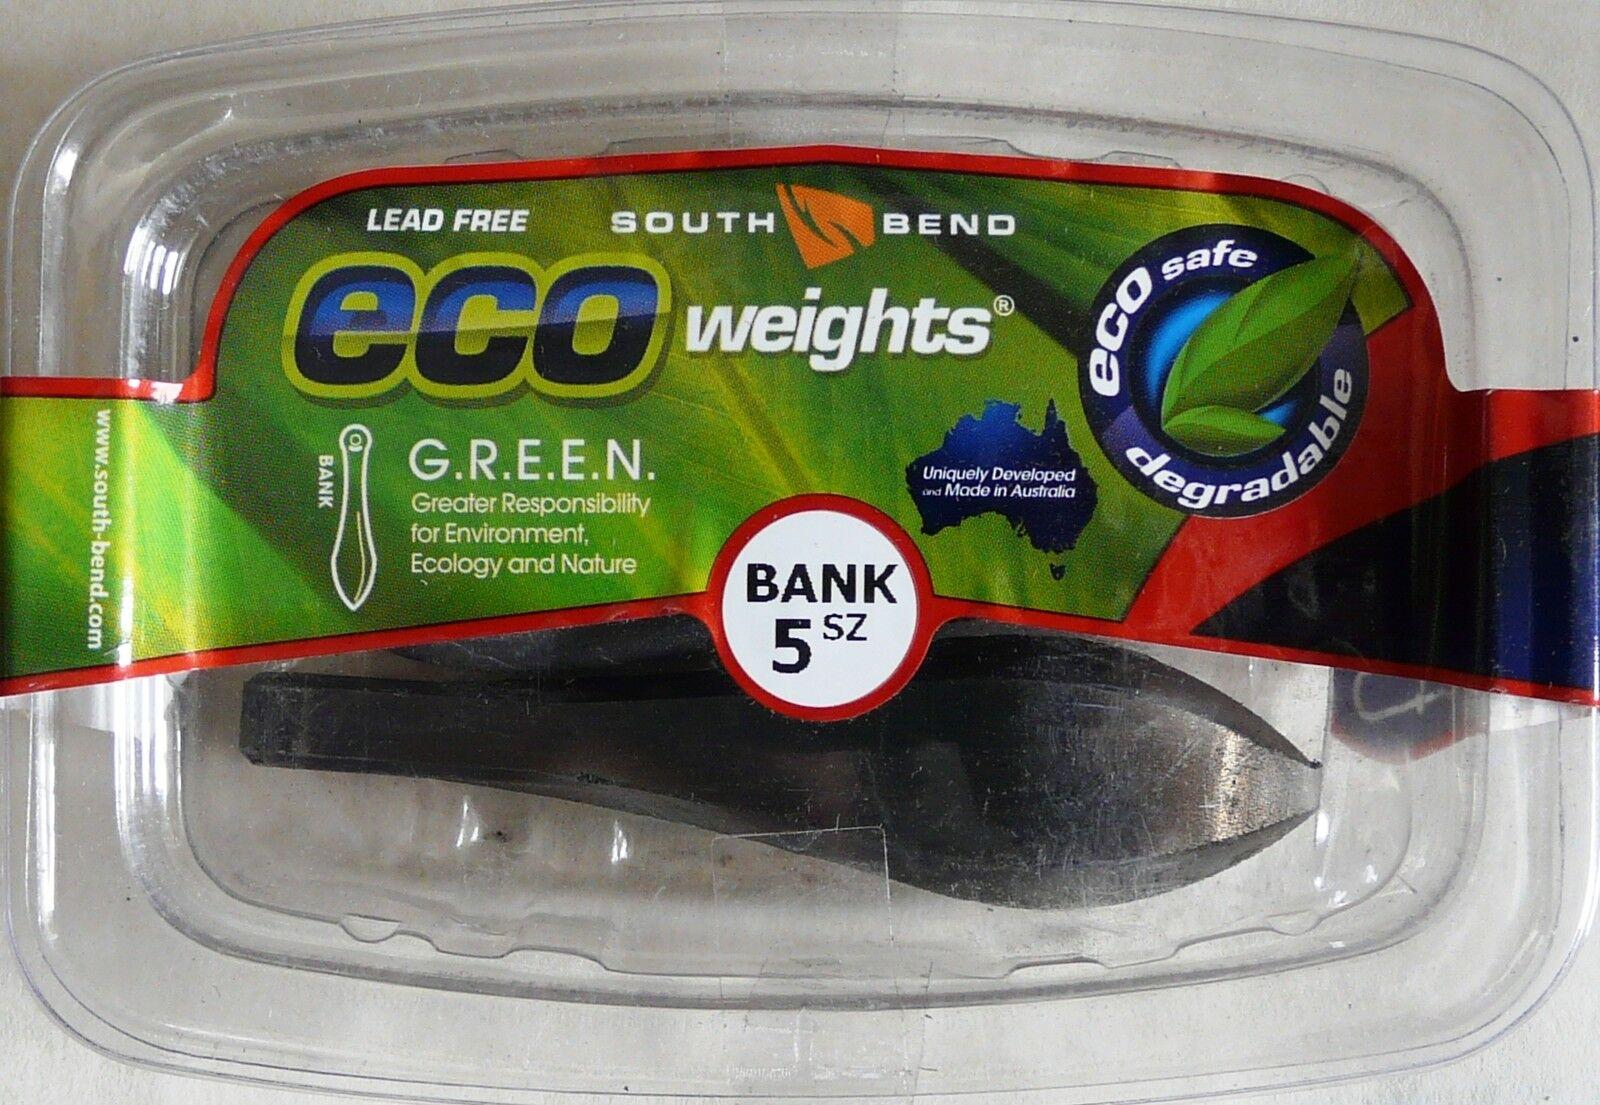 Glissement œuf pesées Fishing Sinkers poids 25pcs 3 oz environ 85.05 g